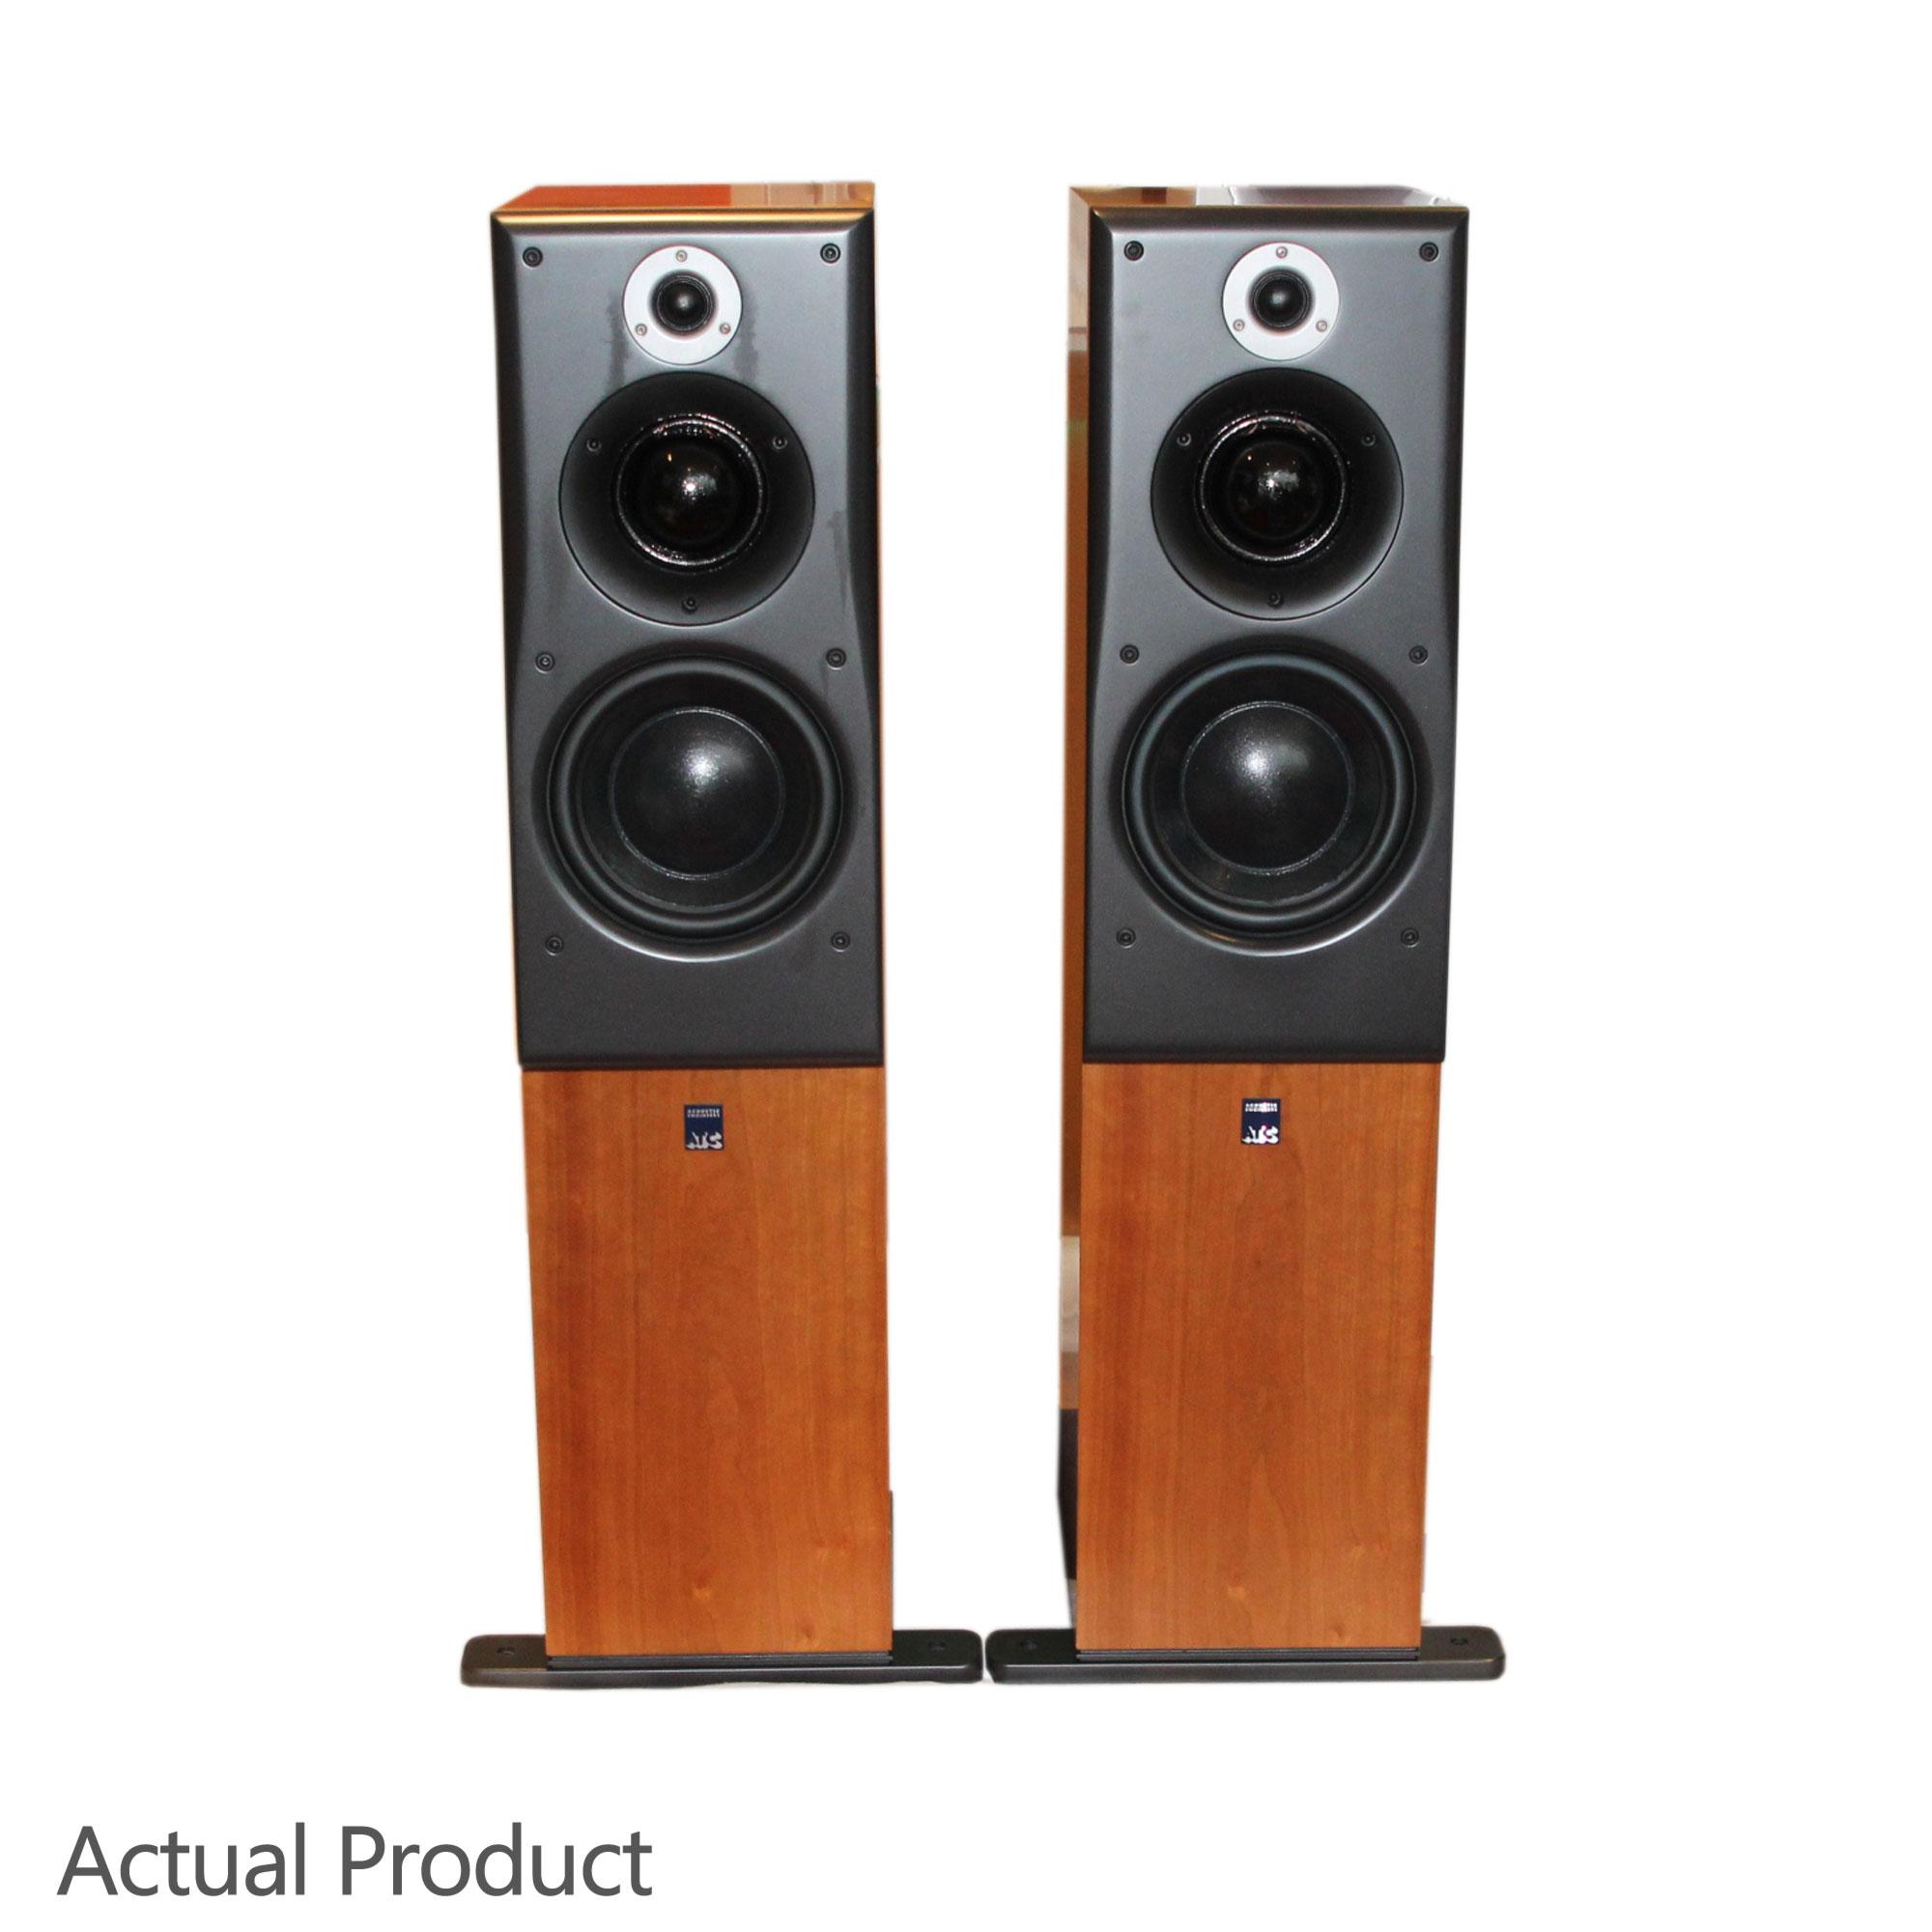 ATC SCM 40 Speakers Floorstanding Loudspeakers Pair